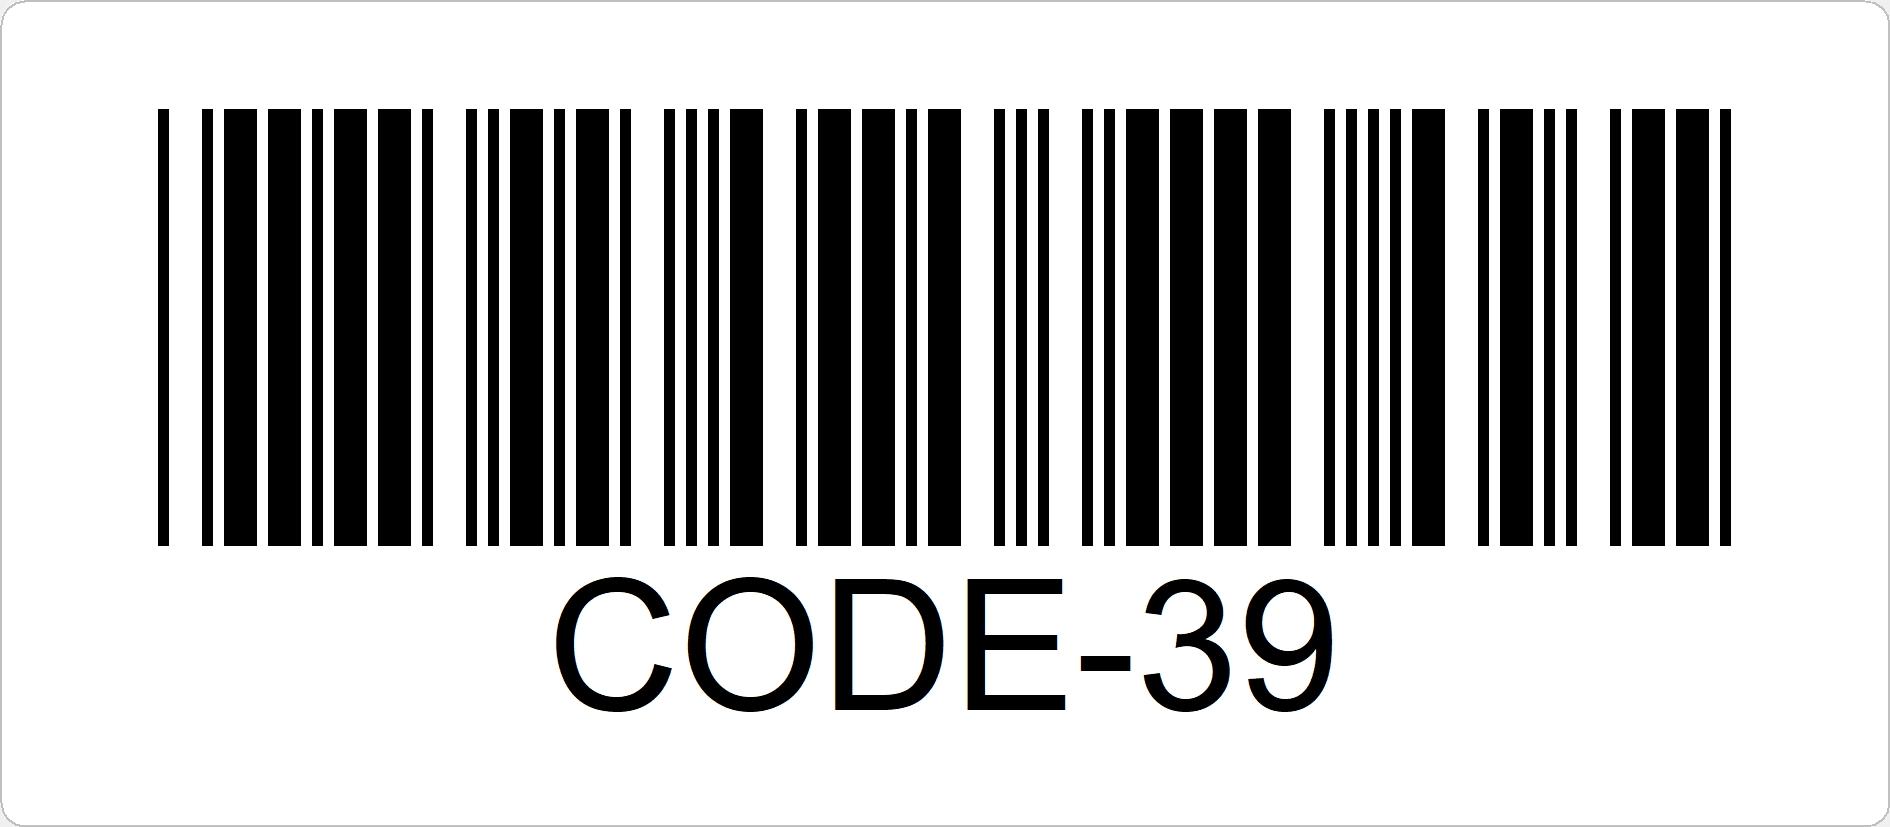 Code-39 ist ein alphanumerischer Code mit geringer Informationsdichte